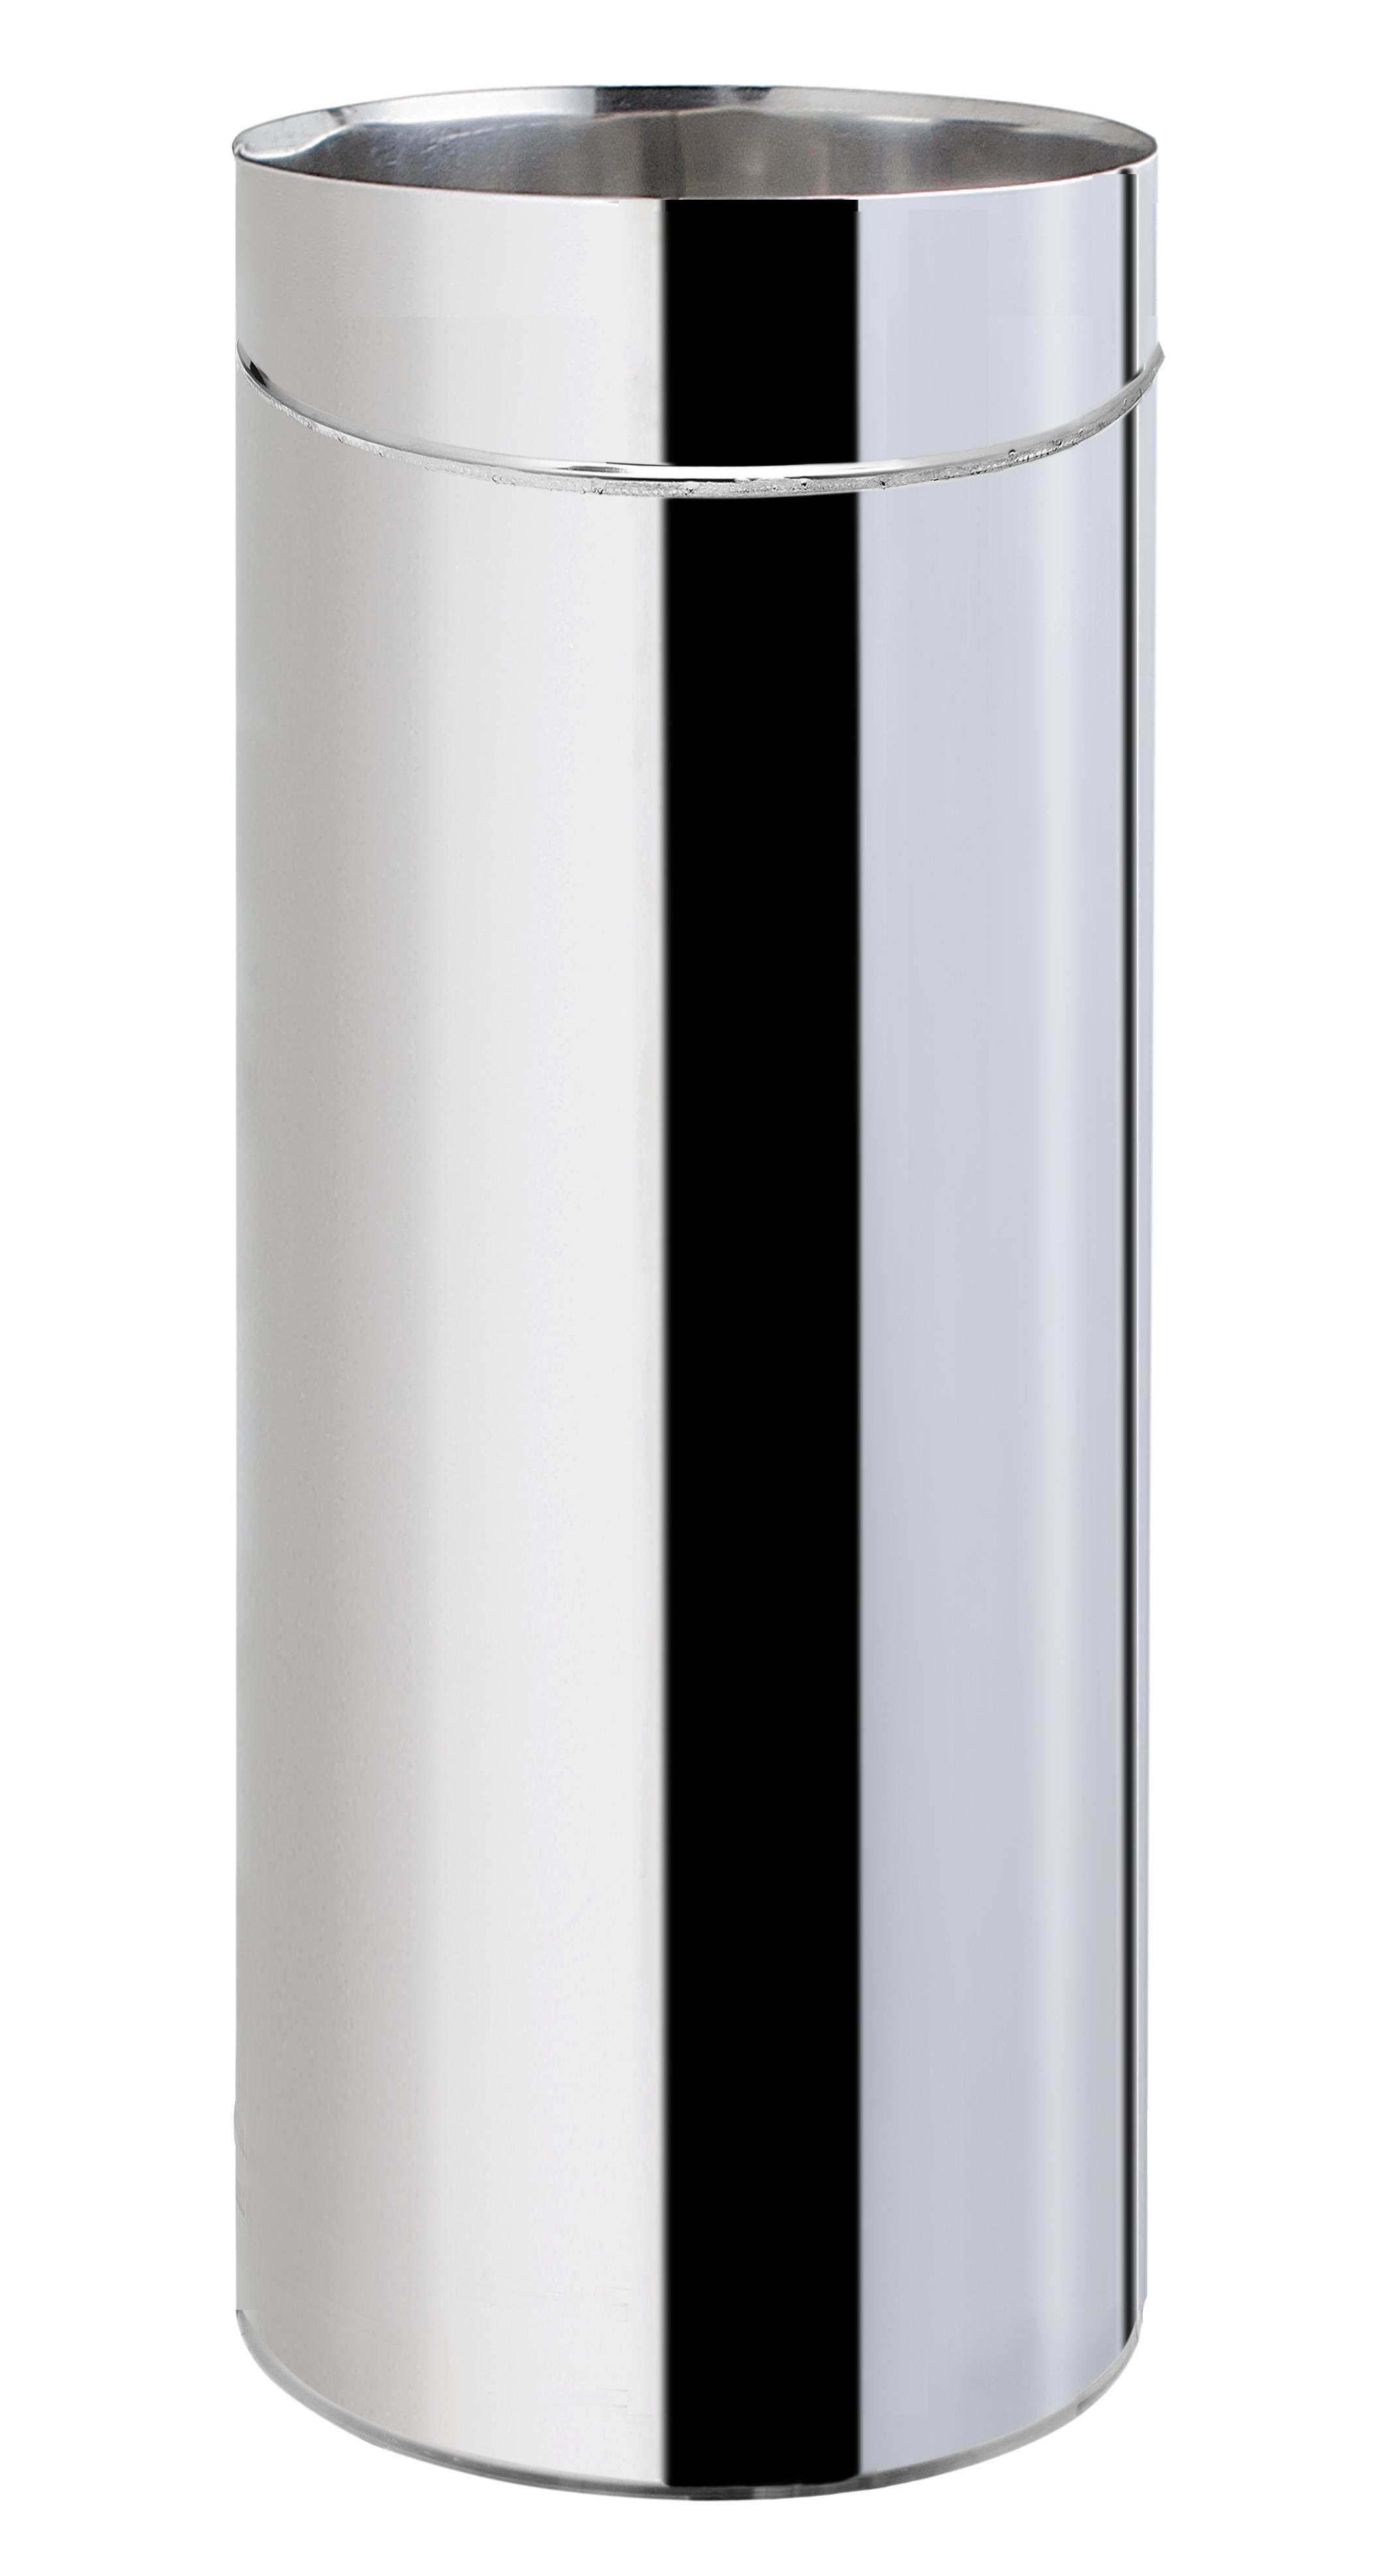 Rohrelement Edelstahl Ø 250mm, 1000mm lang